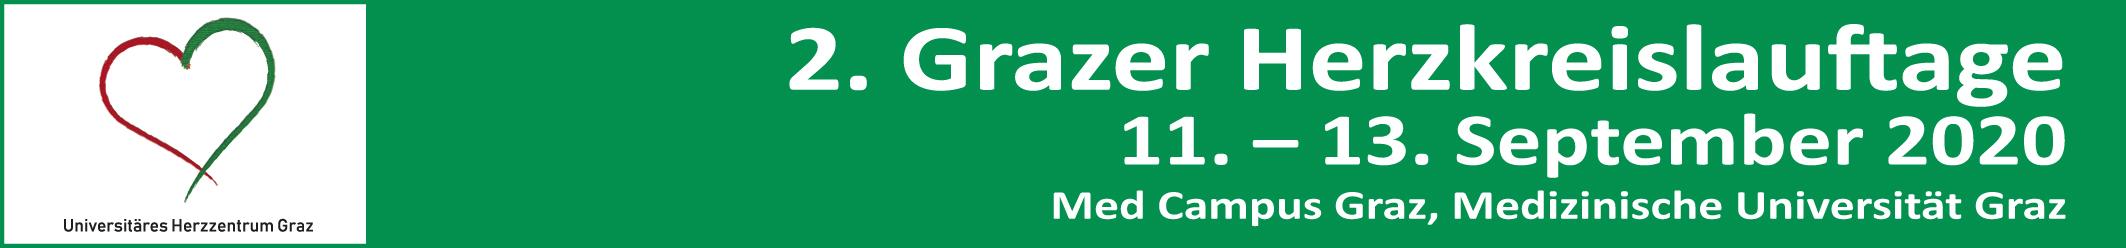 2. Grazer Herzkreislauftage 2020